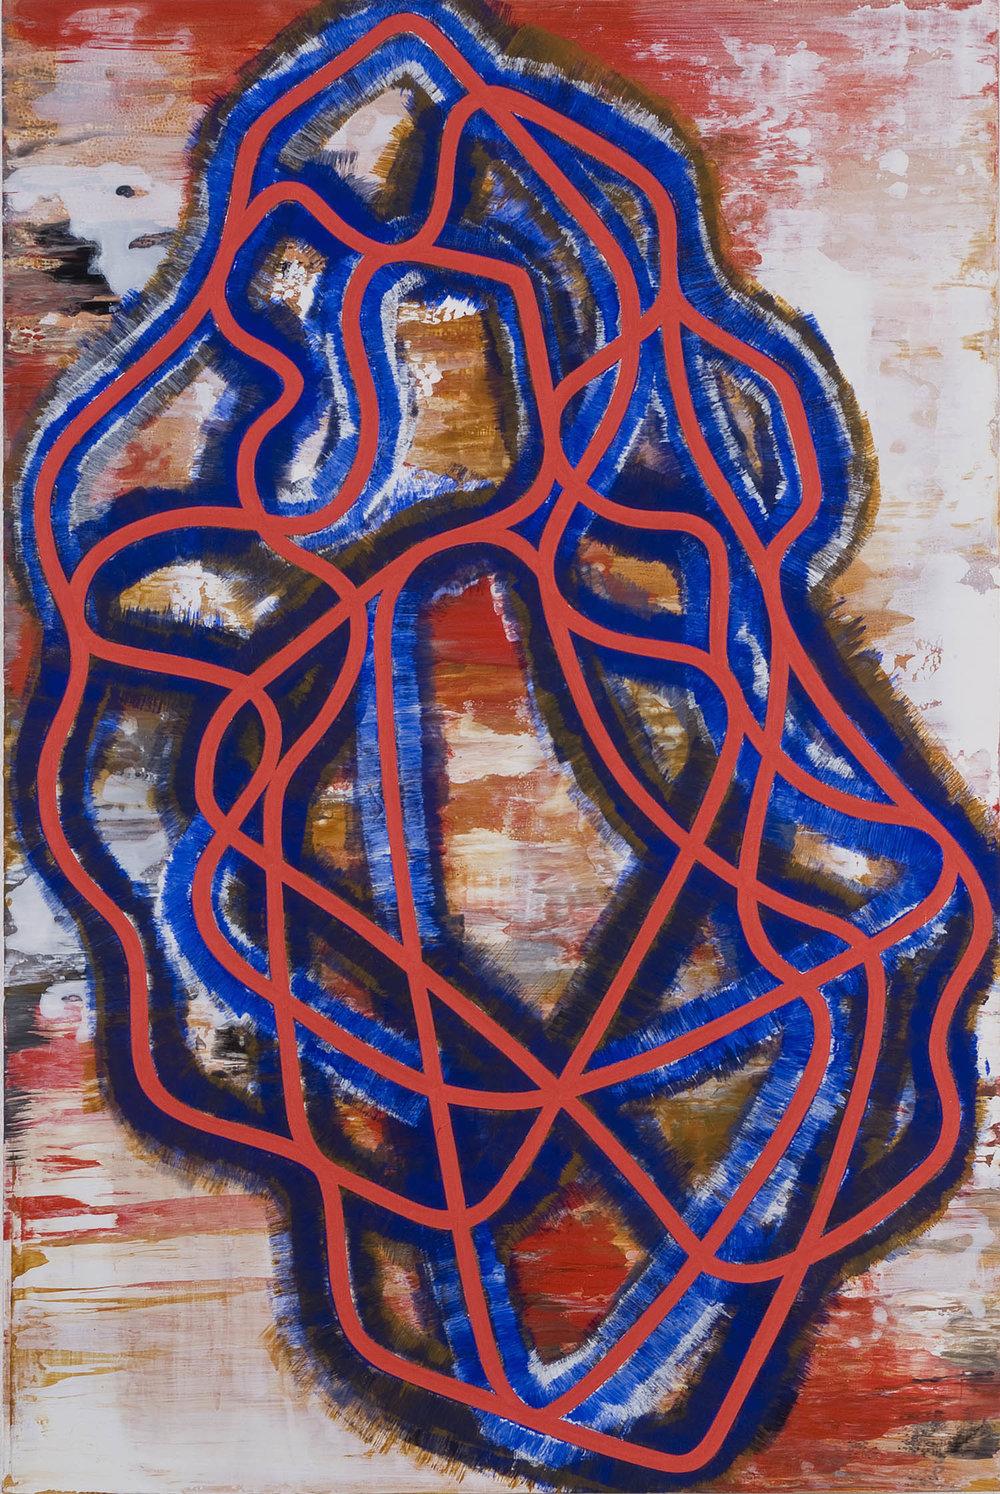 Untitled | 2007 | Öl und Acryl auf Sperrholz | 91,5 x 60 cm